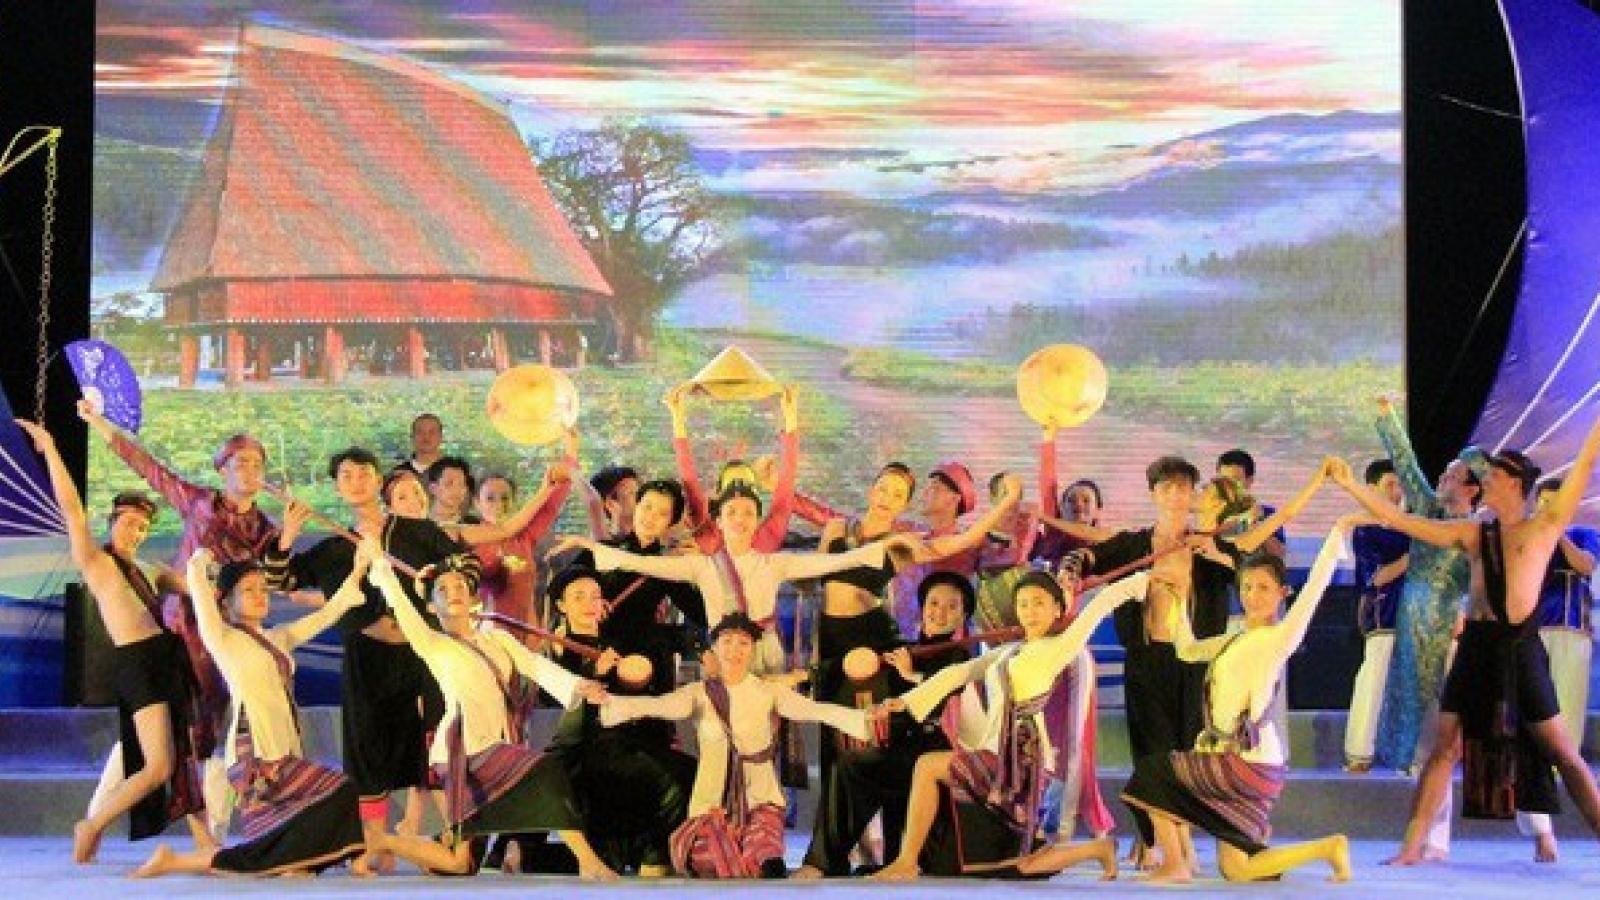 Phu Yen Culture – Tourism Week 2019 to open soon